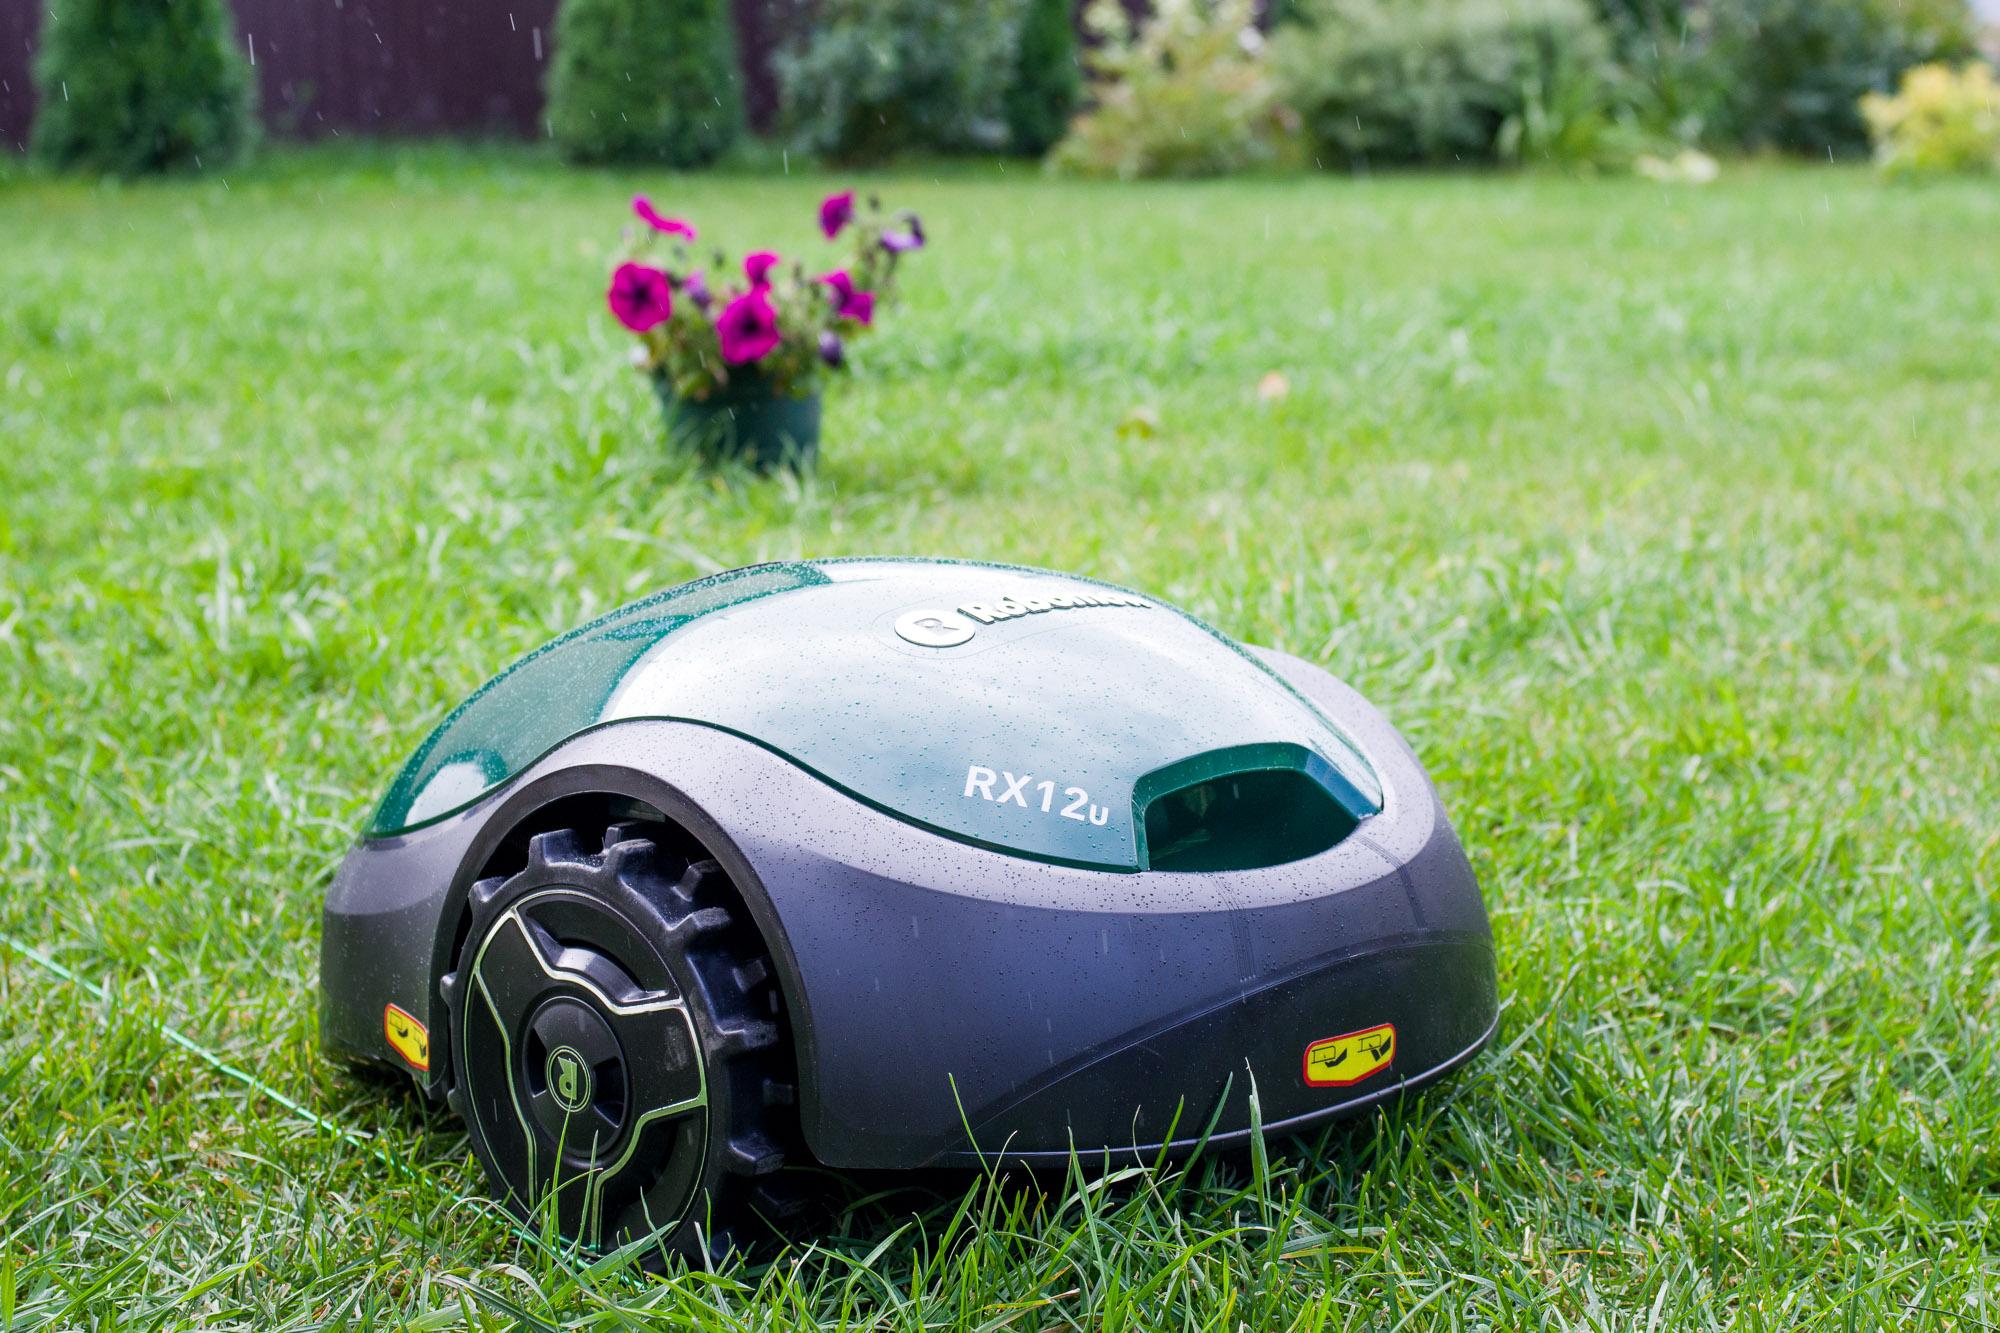 Робот-газонокосилка Robomow RX12u-1